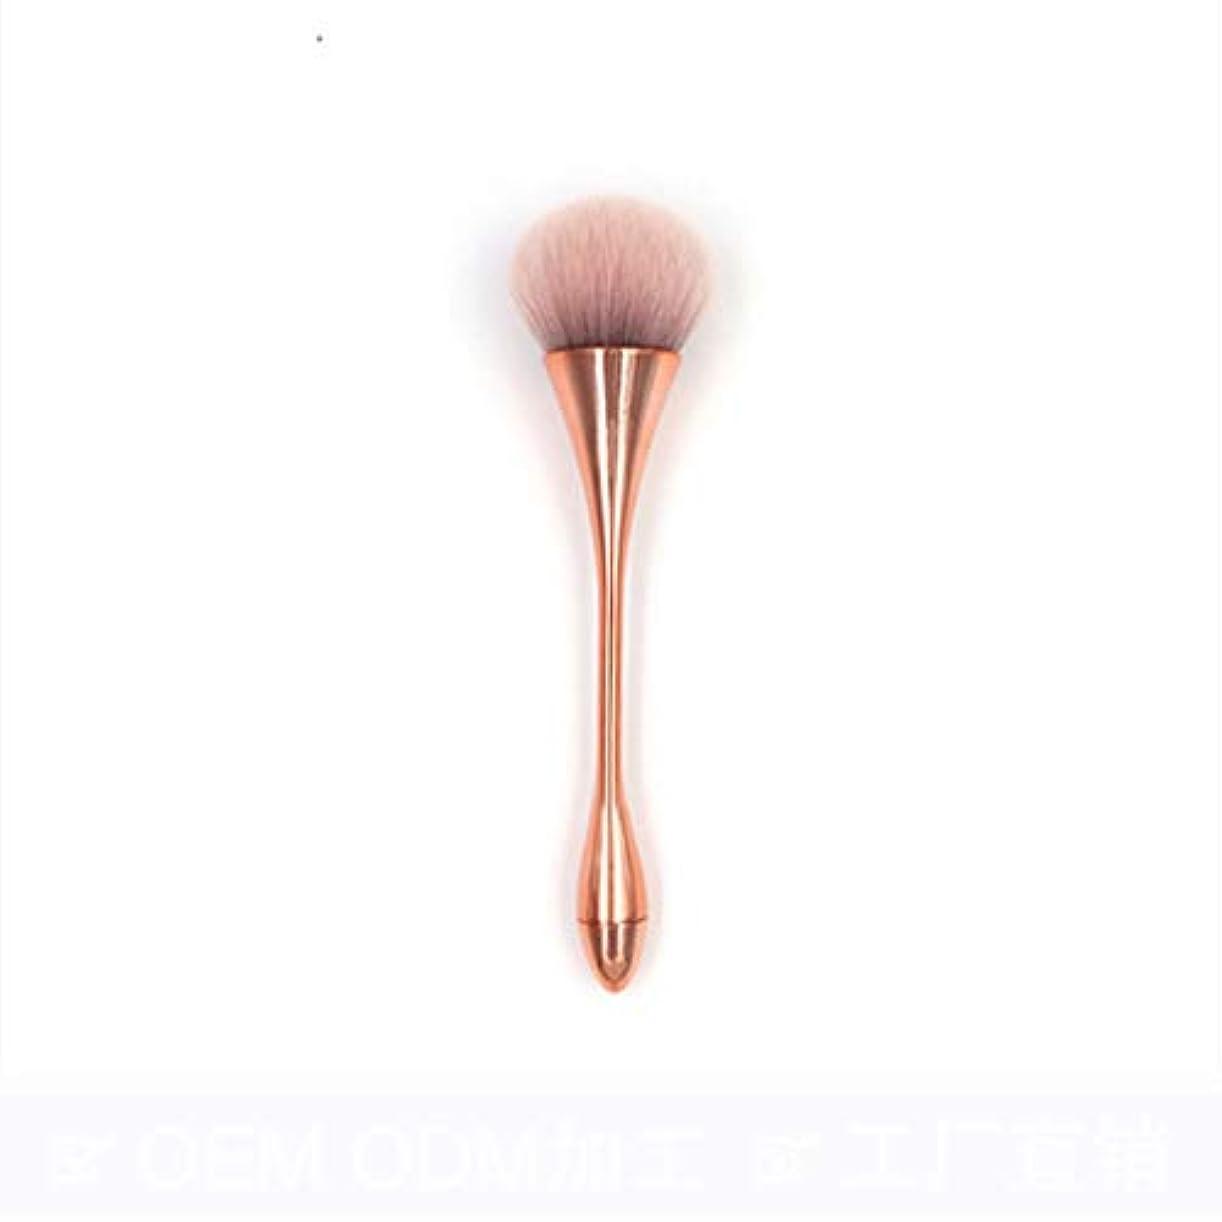 シャープ気体の読者シングル美容ブラシ化粧ブラシ化粧道具アイシャドウブラシ